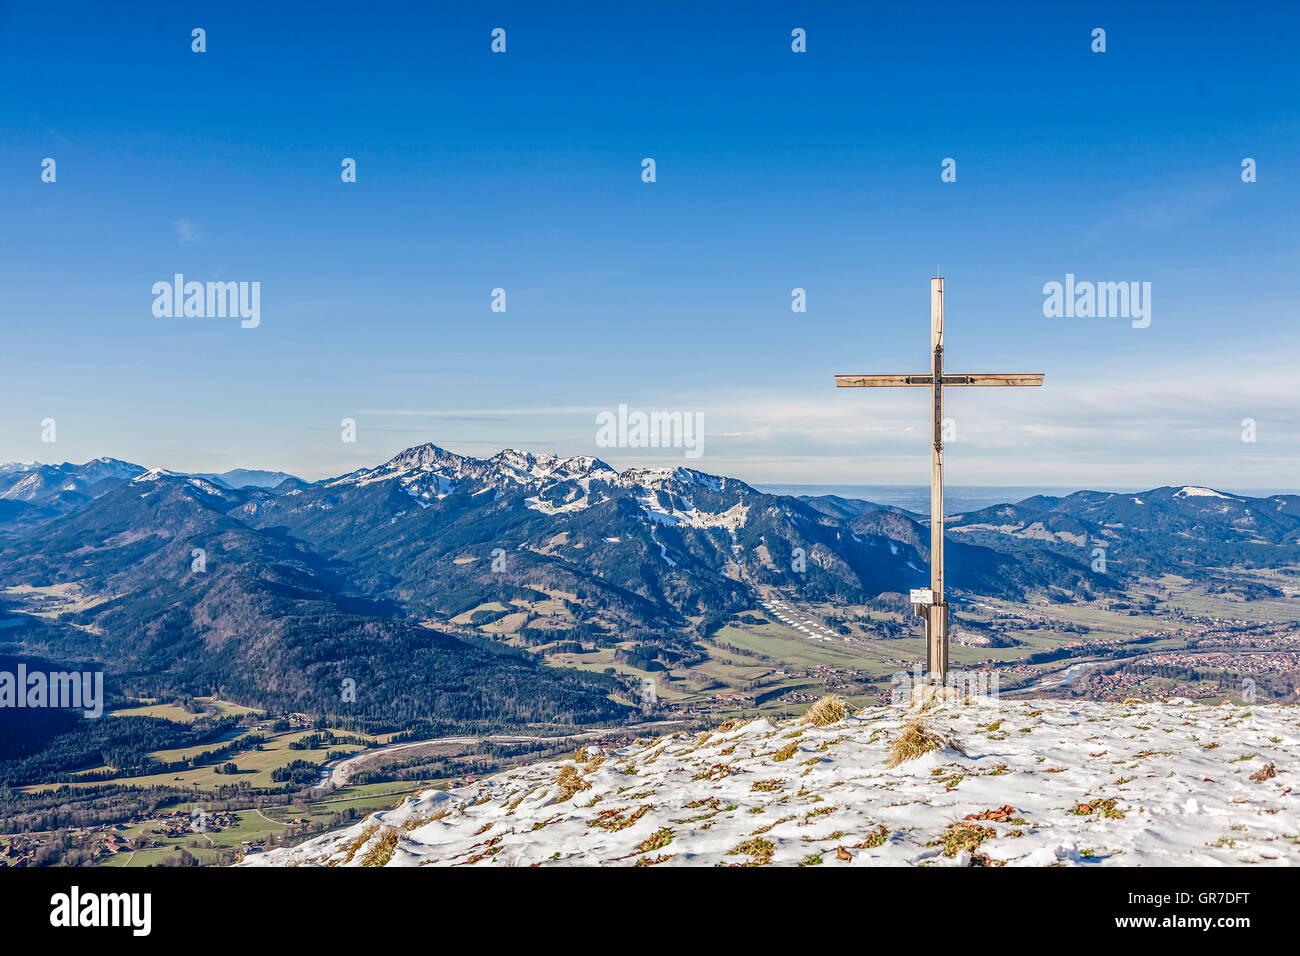 Von Hier Kann Man Einen Herrlichen Blick Auf Brauneck, Benediktenwand Und Lenggries Geniessen Stock Photo